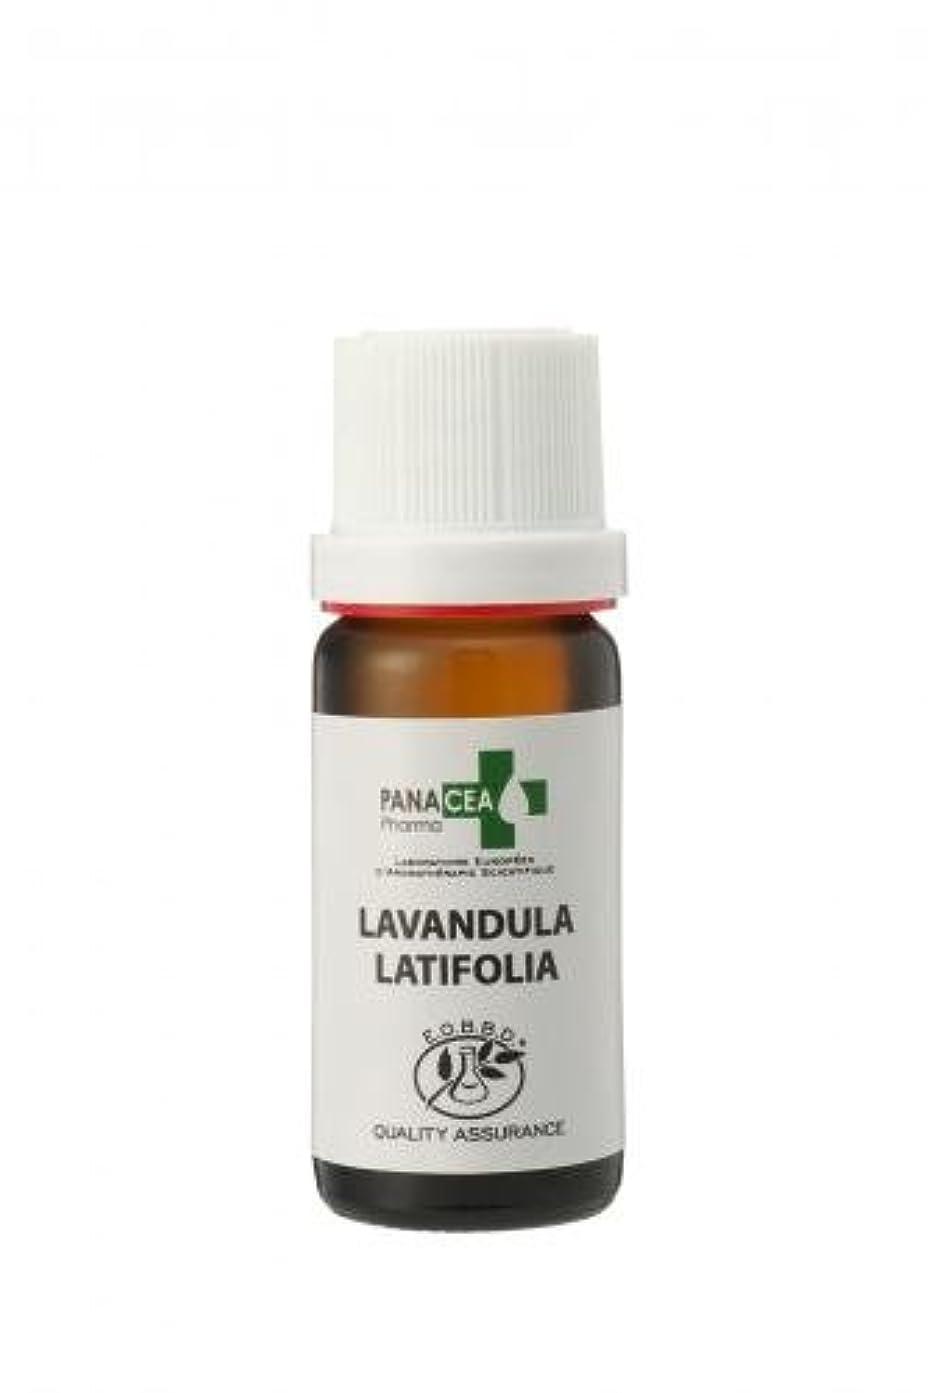 バンクぬれたハプニングラベンダー スピカ (Lavandula latifolia) <spica>10ml エッセンシャルオイル PANACEA PHARMA パナセア ファルマ